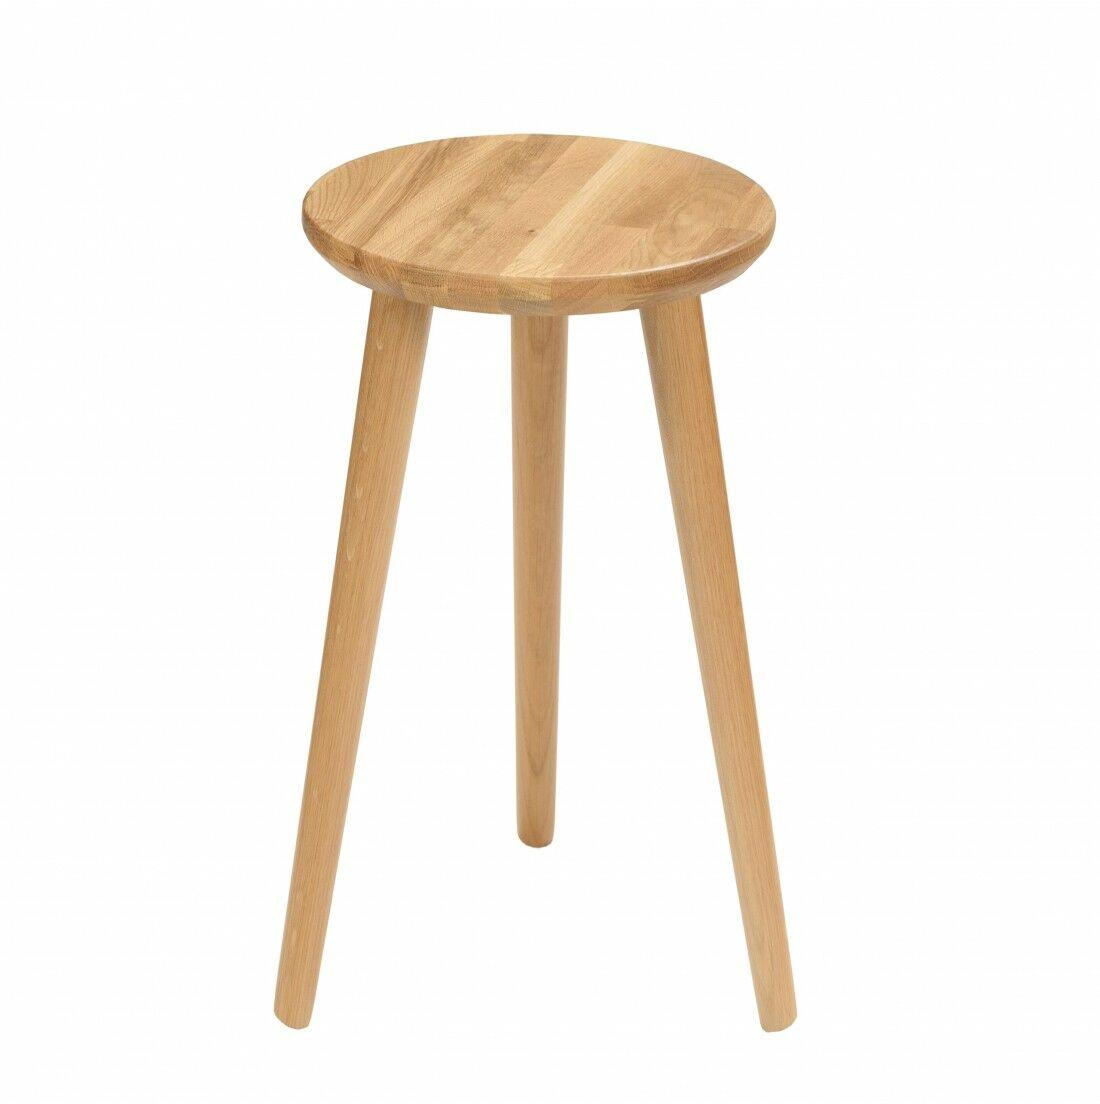 Taboret lub hocker okrągły z litego dębu Modern Oak, Wykończenie nogi - Dąb olejowany, Wysokość - 540, Wymiar siedziska (Średnica) - 300